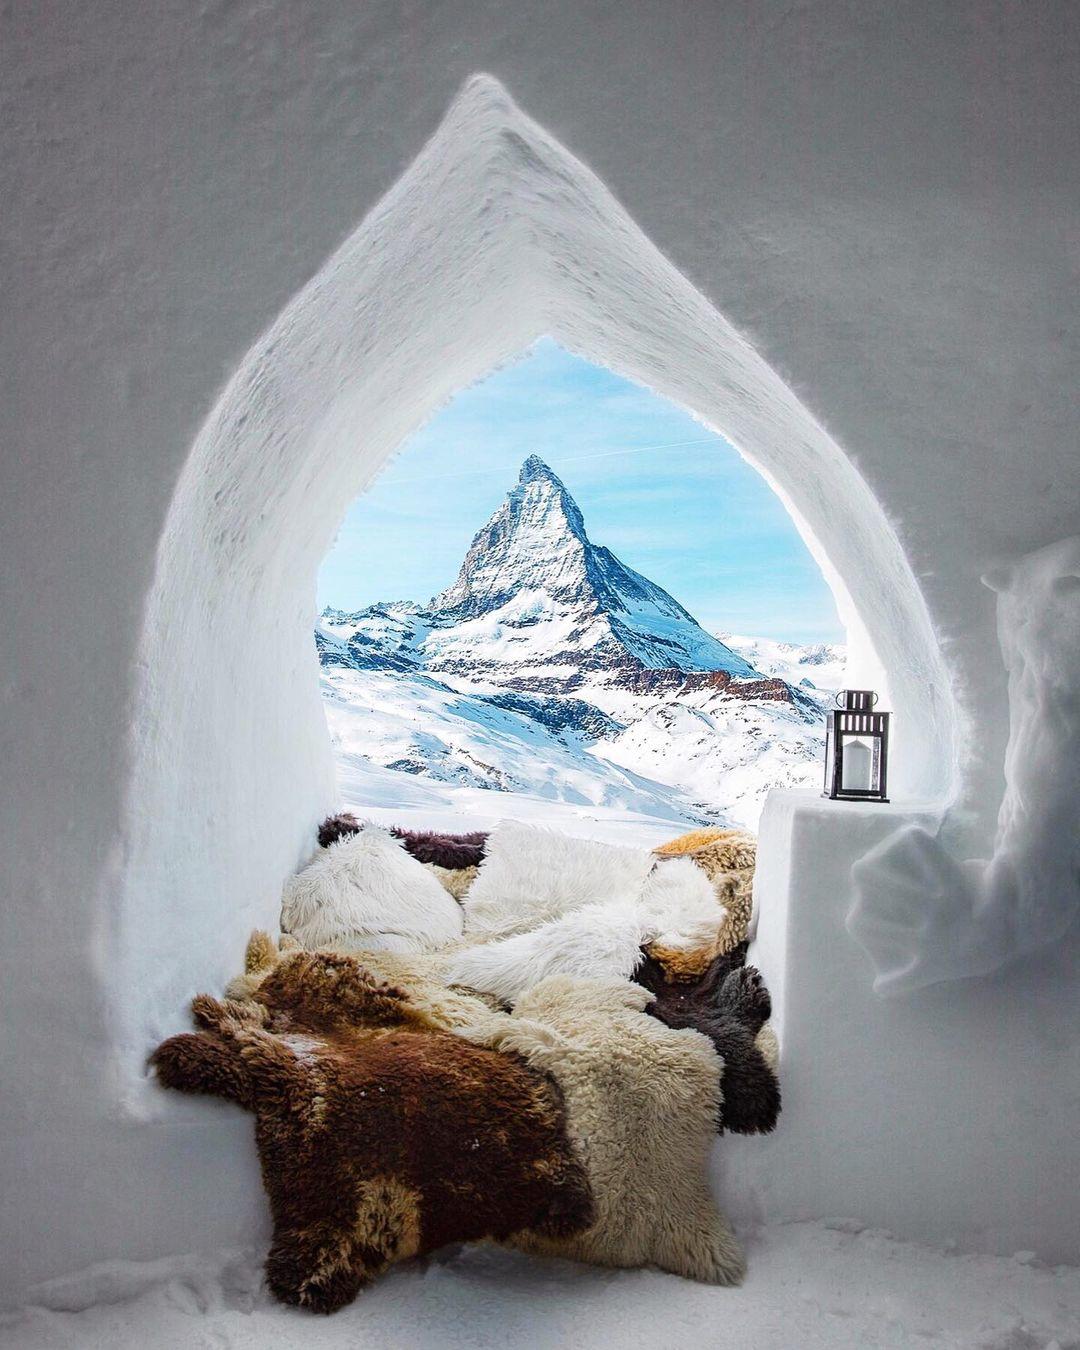 Igludorf Hotel in Zermatt